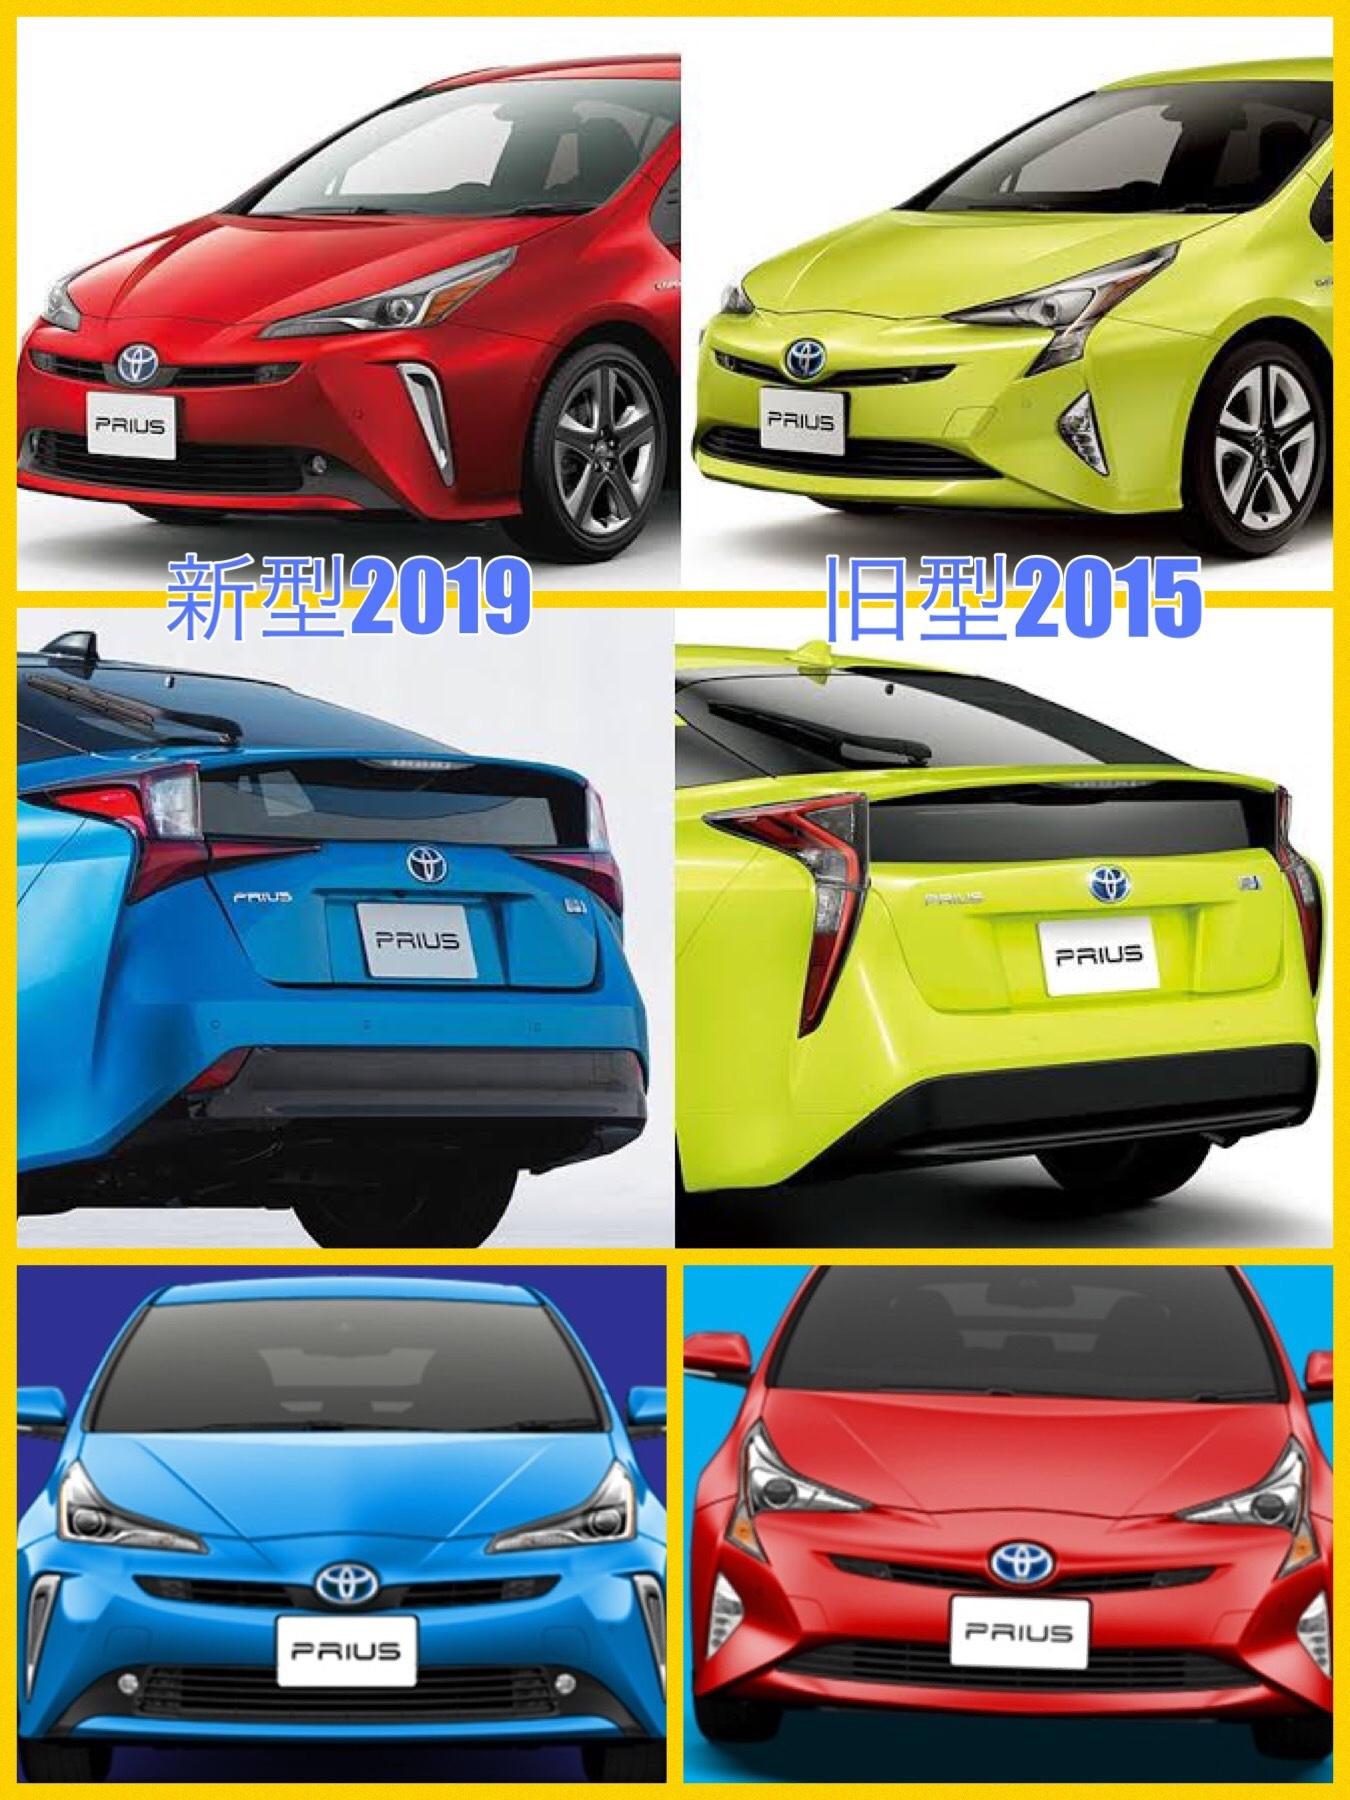 トヨタ プリウス マイナーチェンジ 新旧デザイン比較